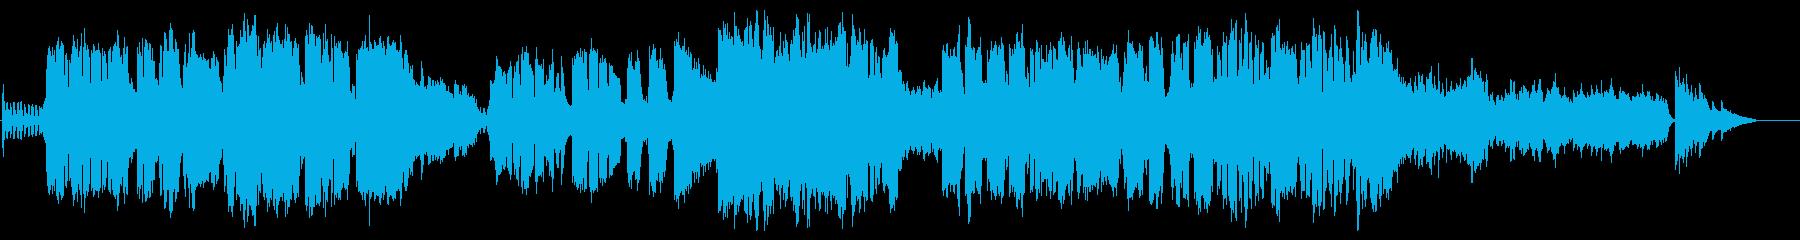 ピアノとストリングスが印象的な歌曲ですの再生済みの波形